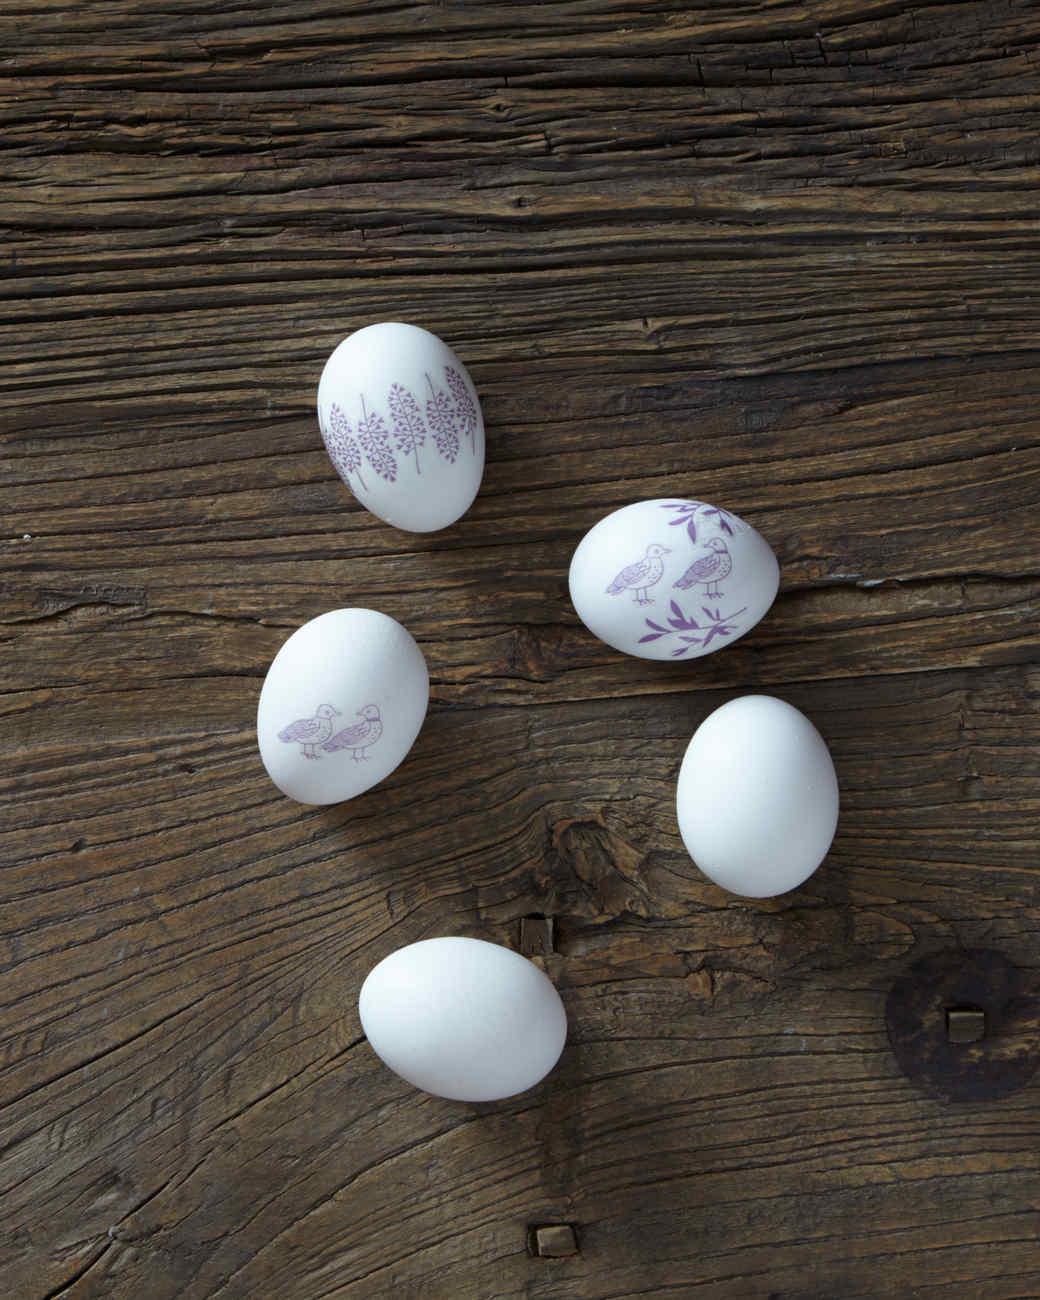 egg-decals-276-0414-d111240.jpg